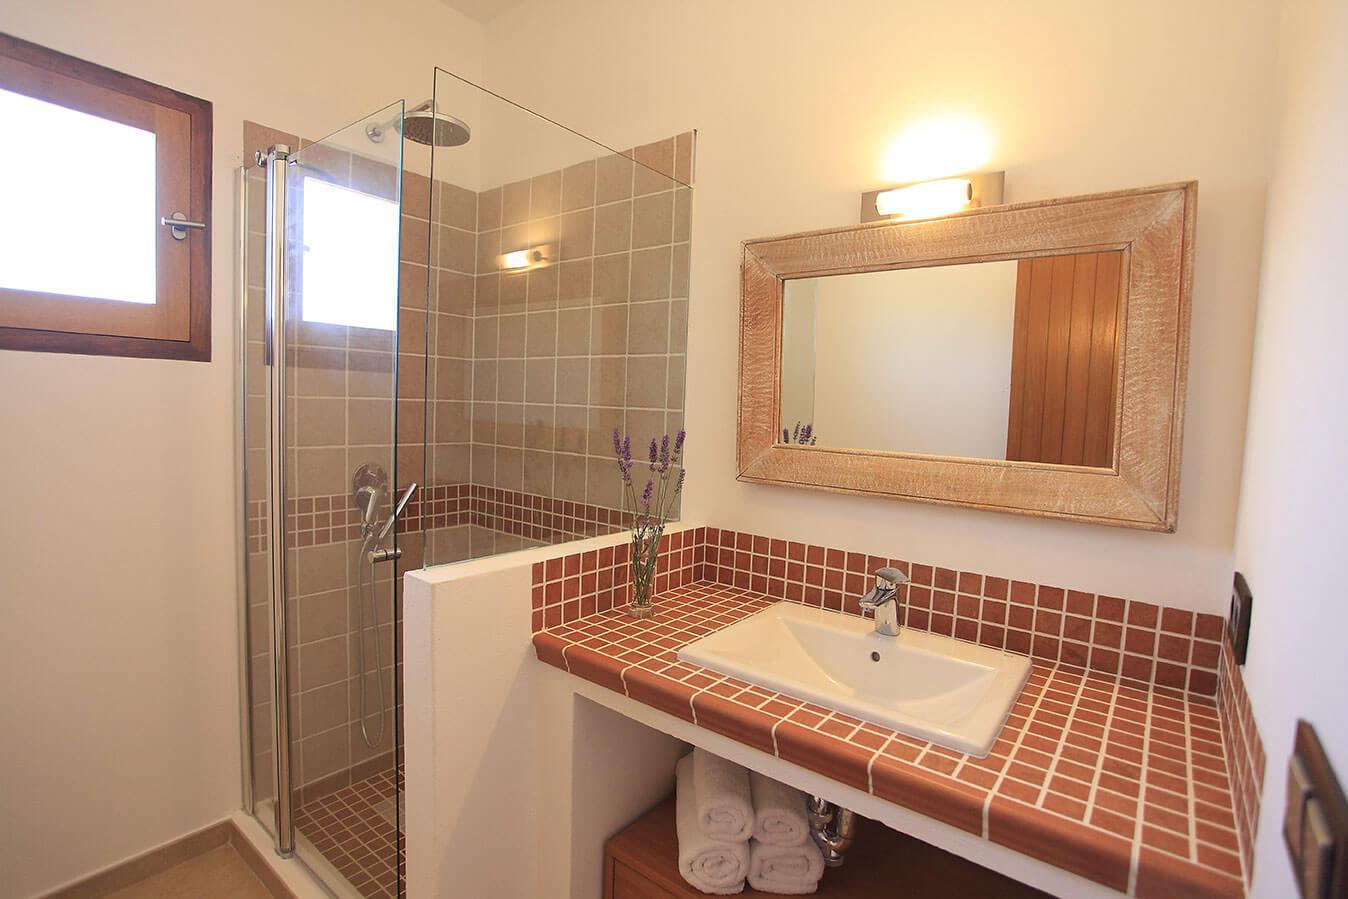 Baño privado en habitación. Villa Can Cardona. Alojamientos turísticos Cardona